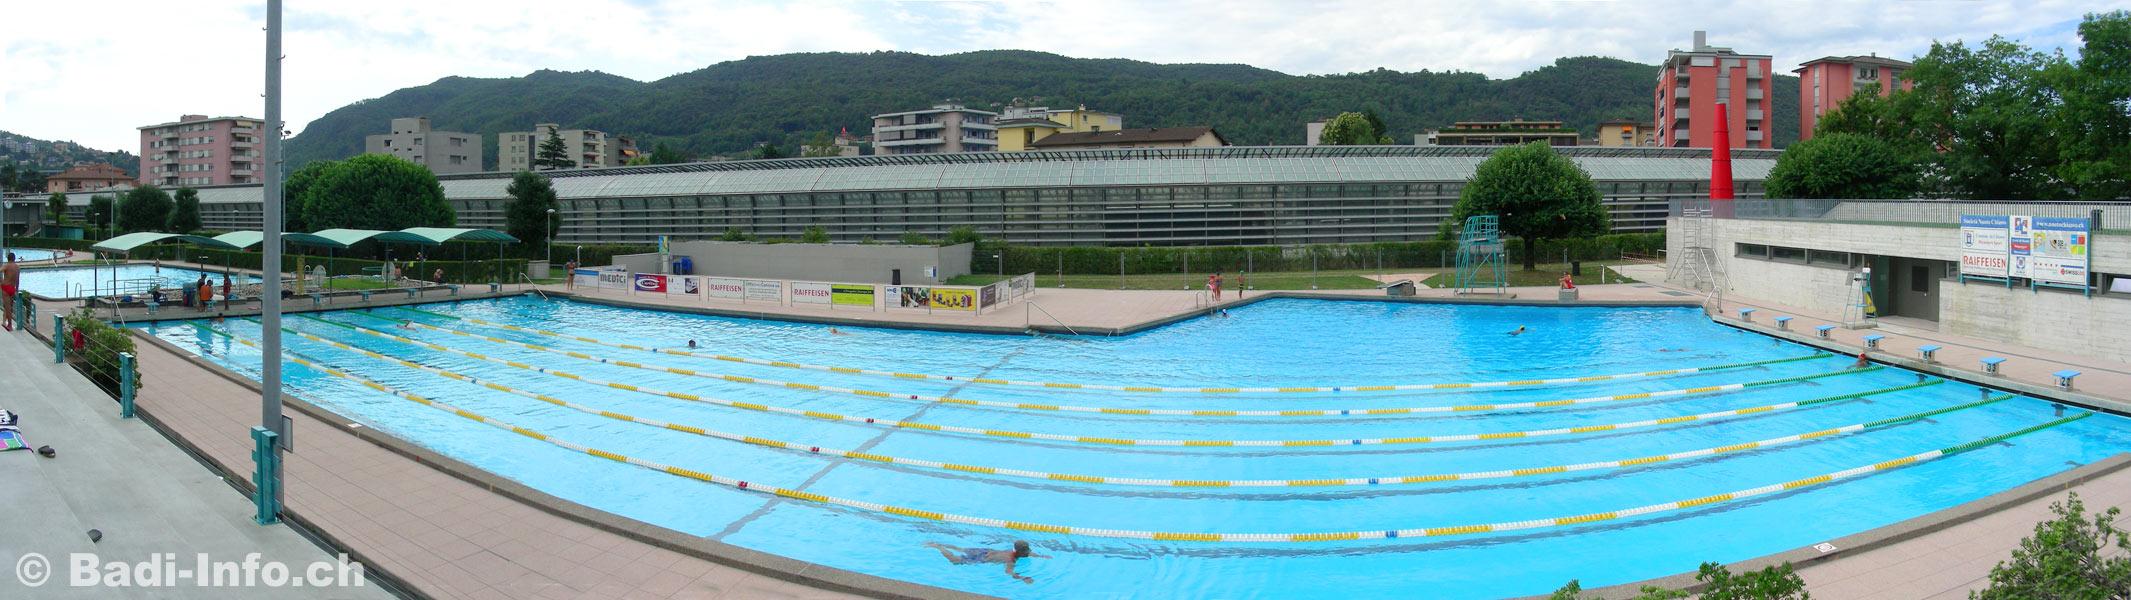 Chiasso piscina - Piscina comunale di ala ...